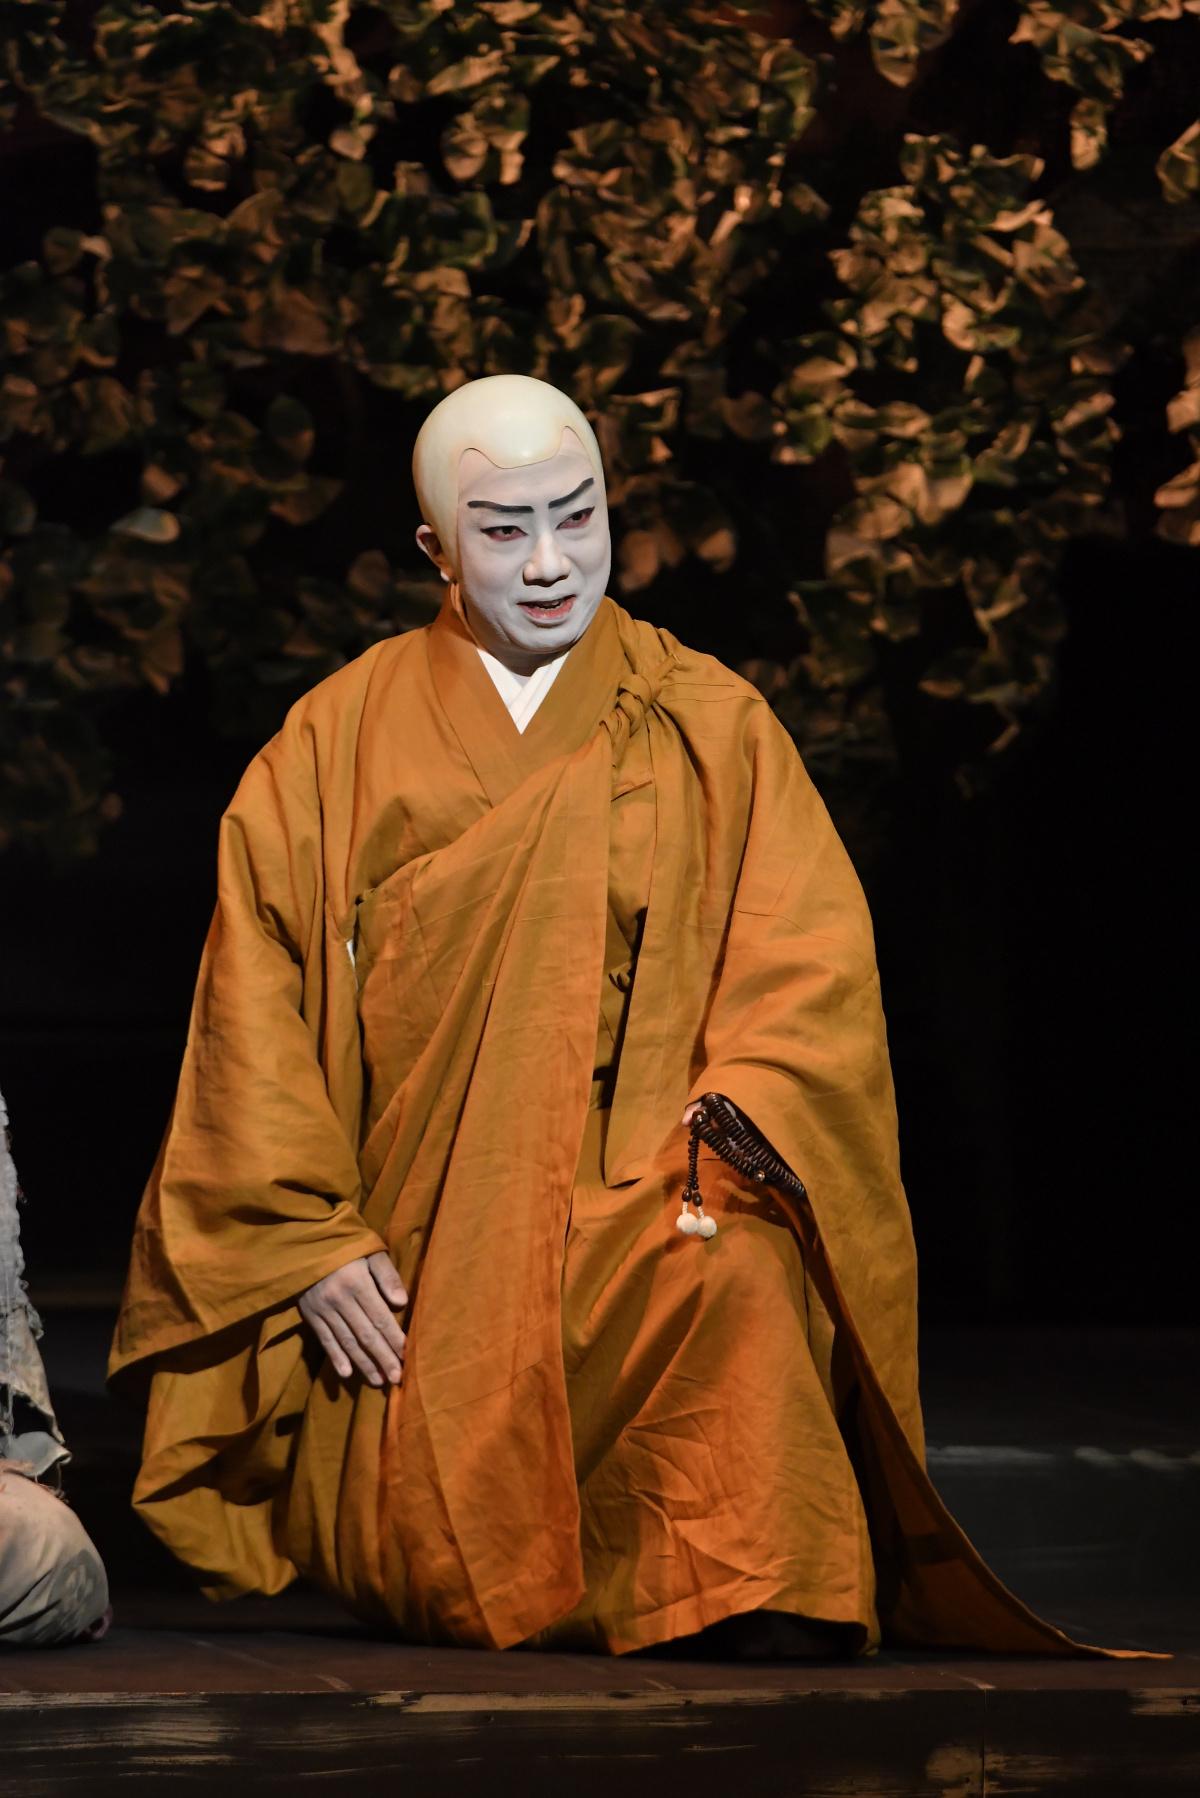 魂震える歌舞伎体験、公演中の市川猿之助が語る『日蓮ー愛を知る鬼(ひと)ー』